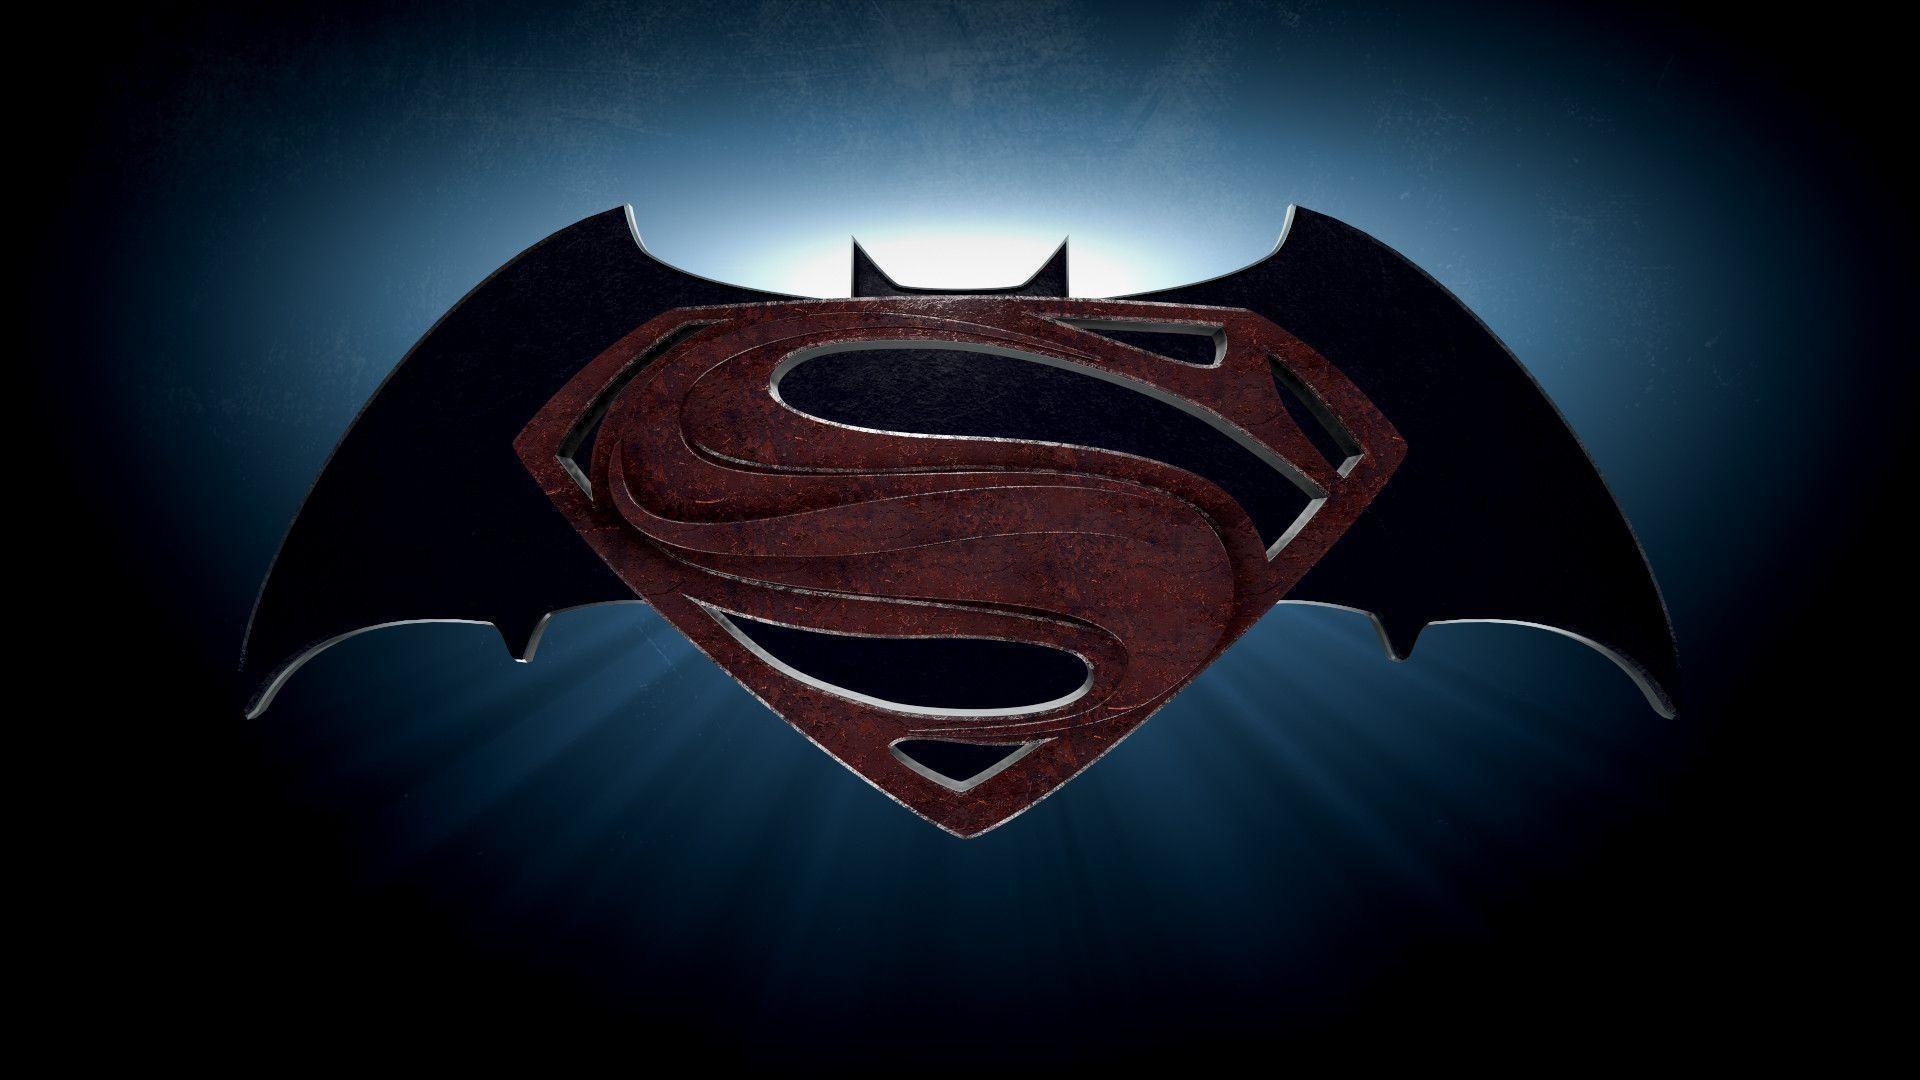 1920x1080 Batman Vs Superman Logo Wallpaper